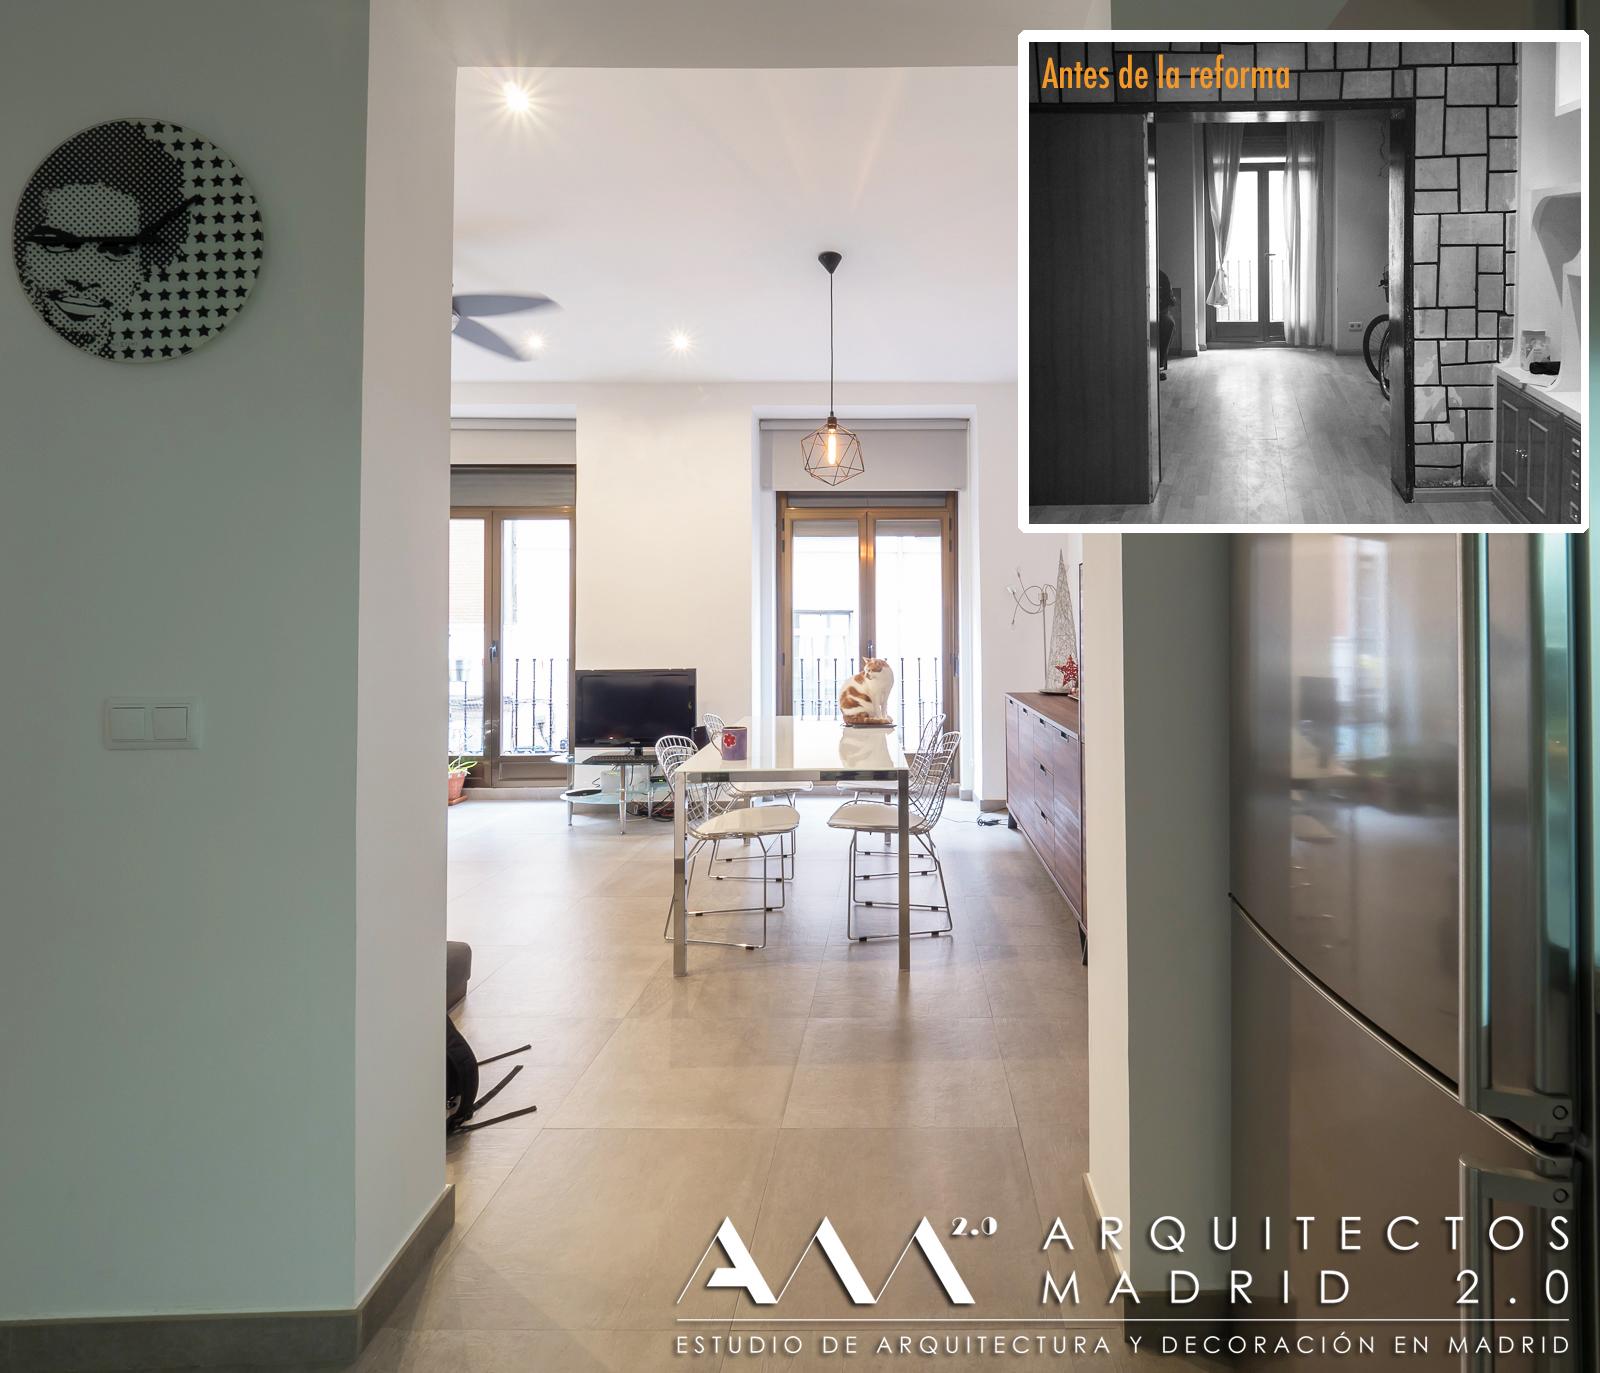 Reforma de piso madrid archivos arquitectos madrid 2 0 for Reformas de pisos en madrid